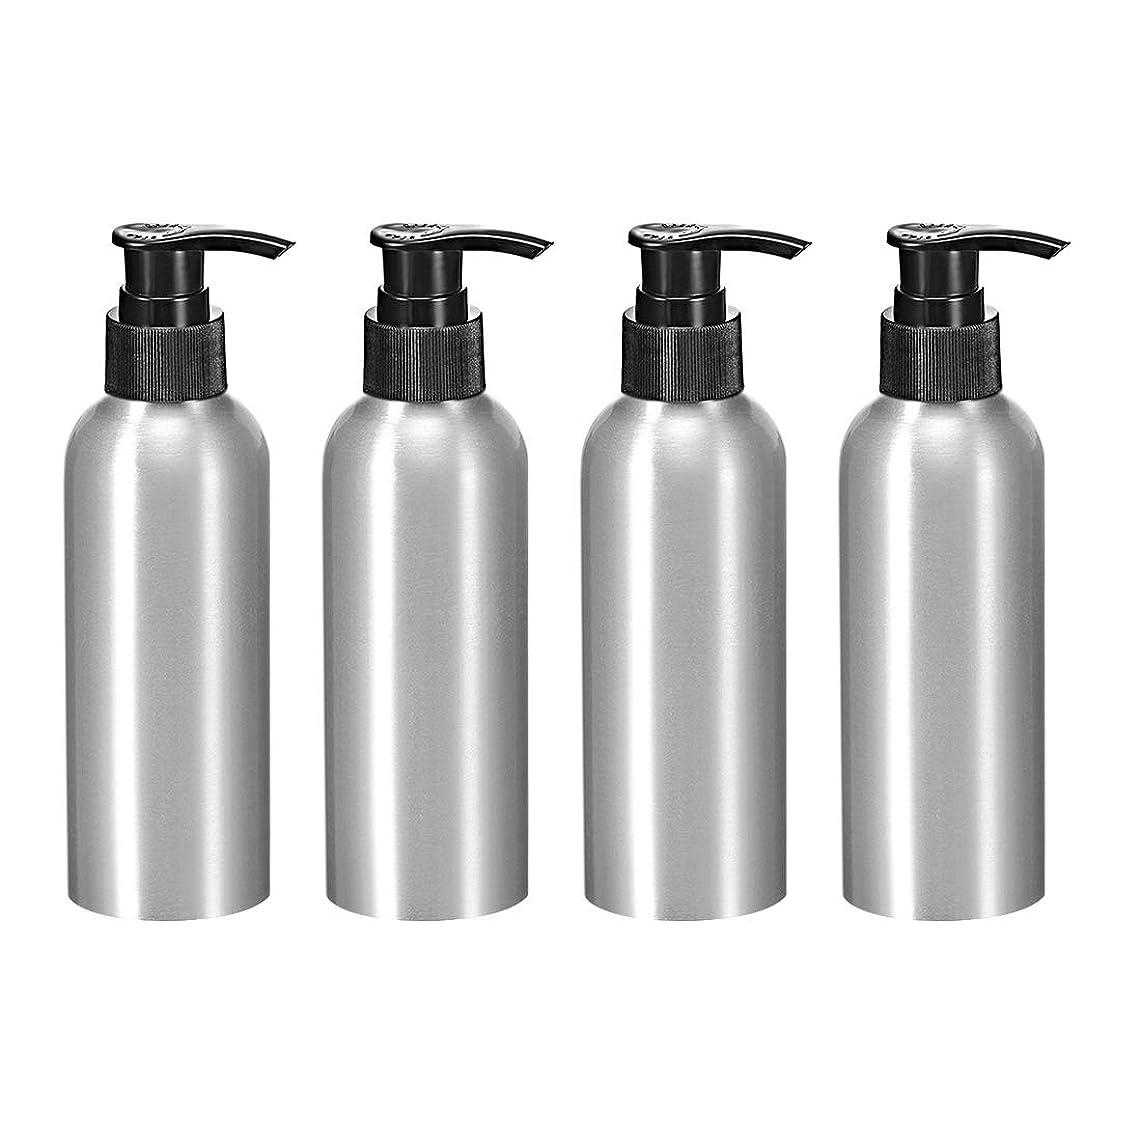 辛い入場分割uxcell アルミスプレーボトル 細かい霧のスプレーヤー付き 空の詰め替え容器 トラベルボトル 8.4oz/250ml 4個入り